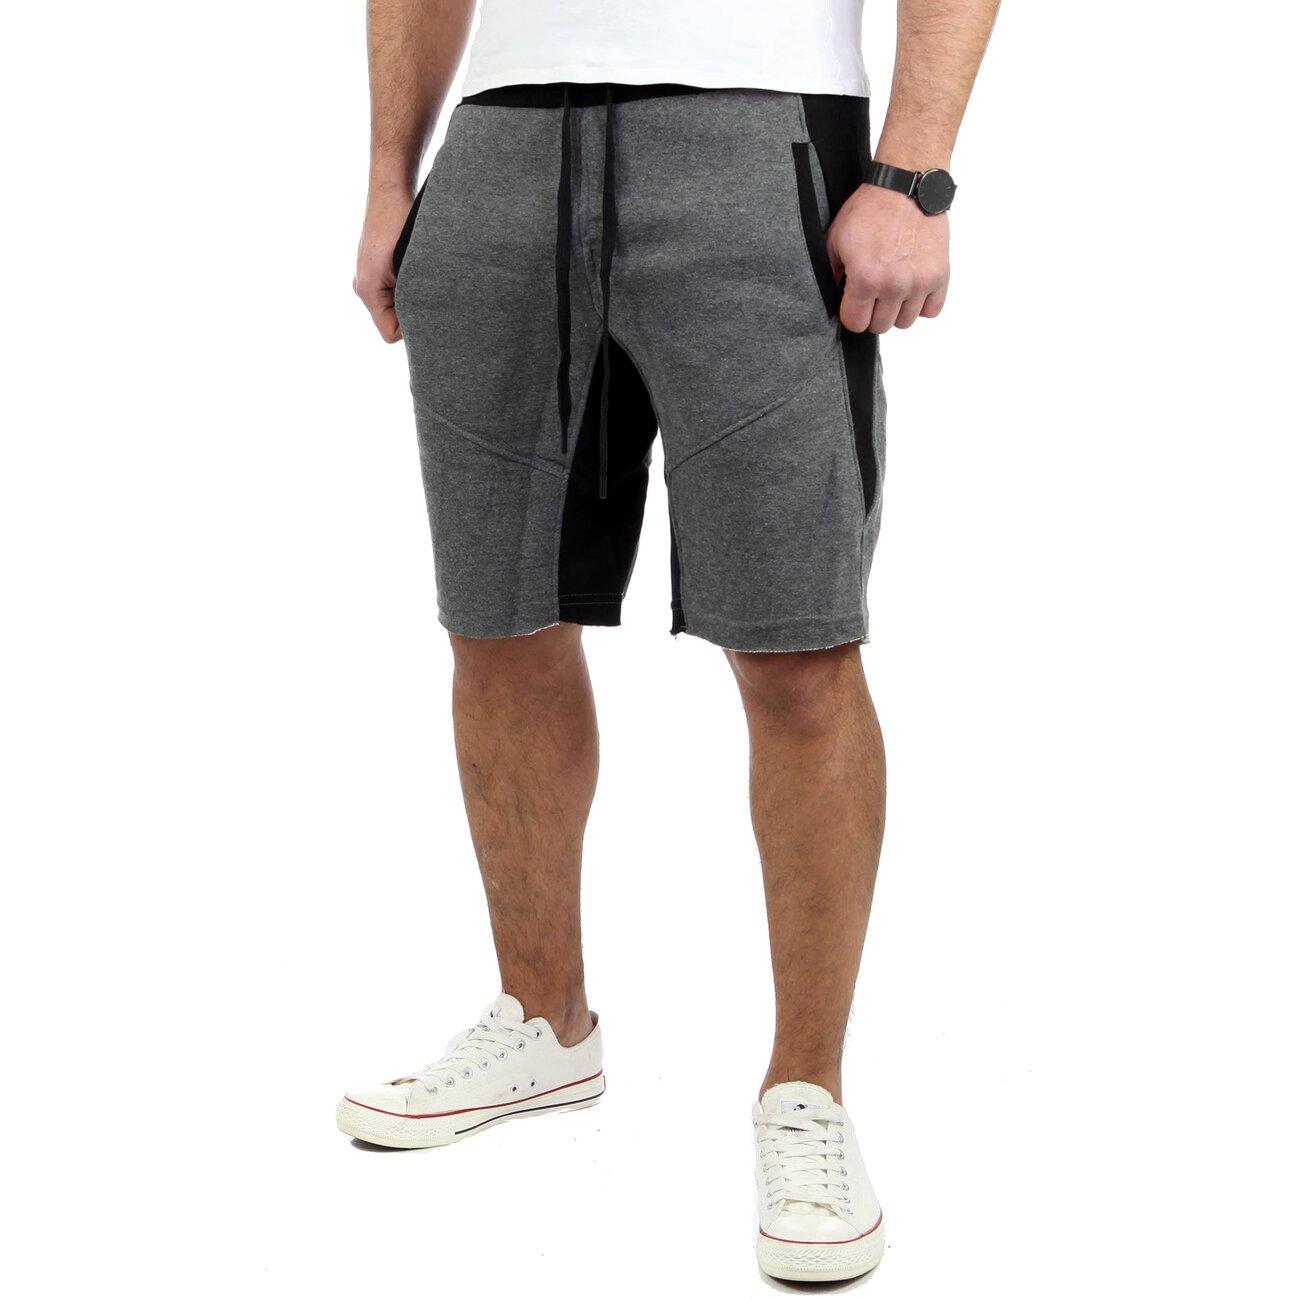 reslad kurze hose herren fitness jogginghose kurz shorts sport hose r. Black Bedroom Furniture Sets. Home Design Ideas